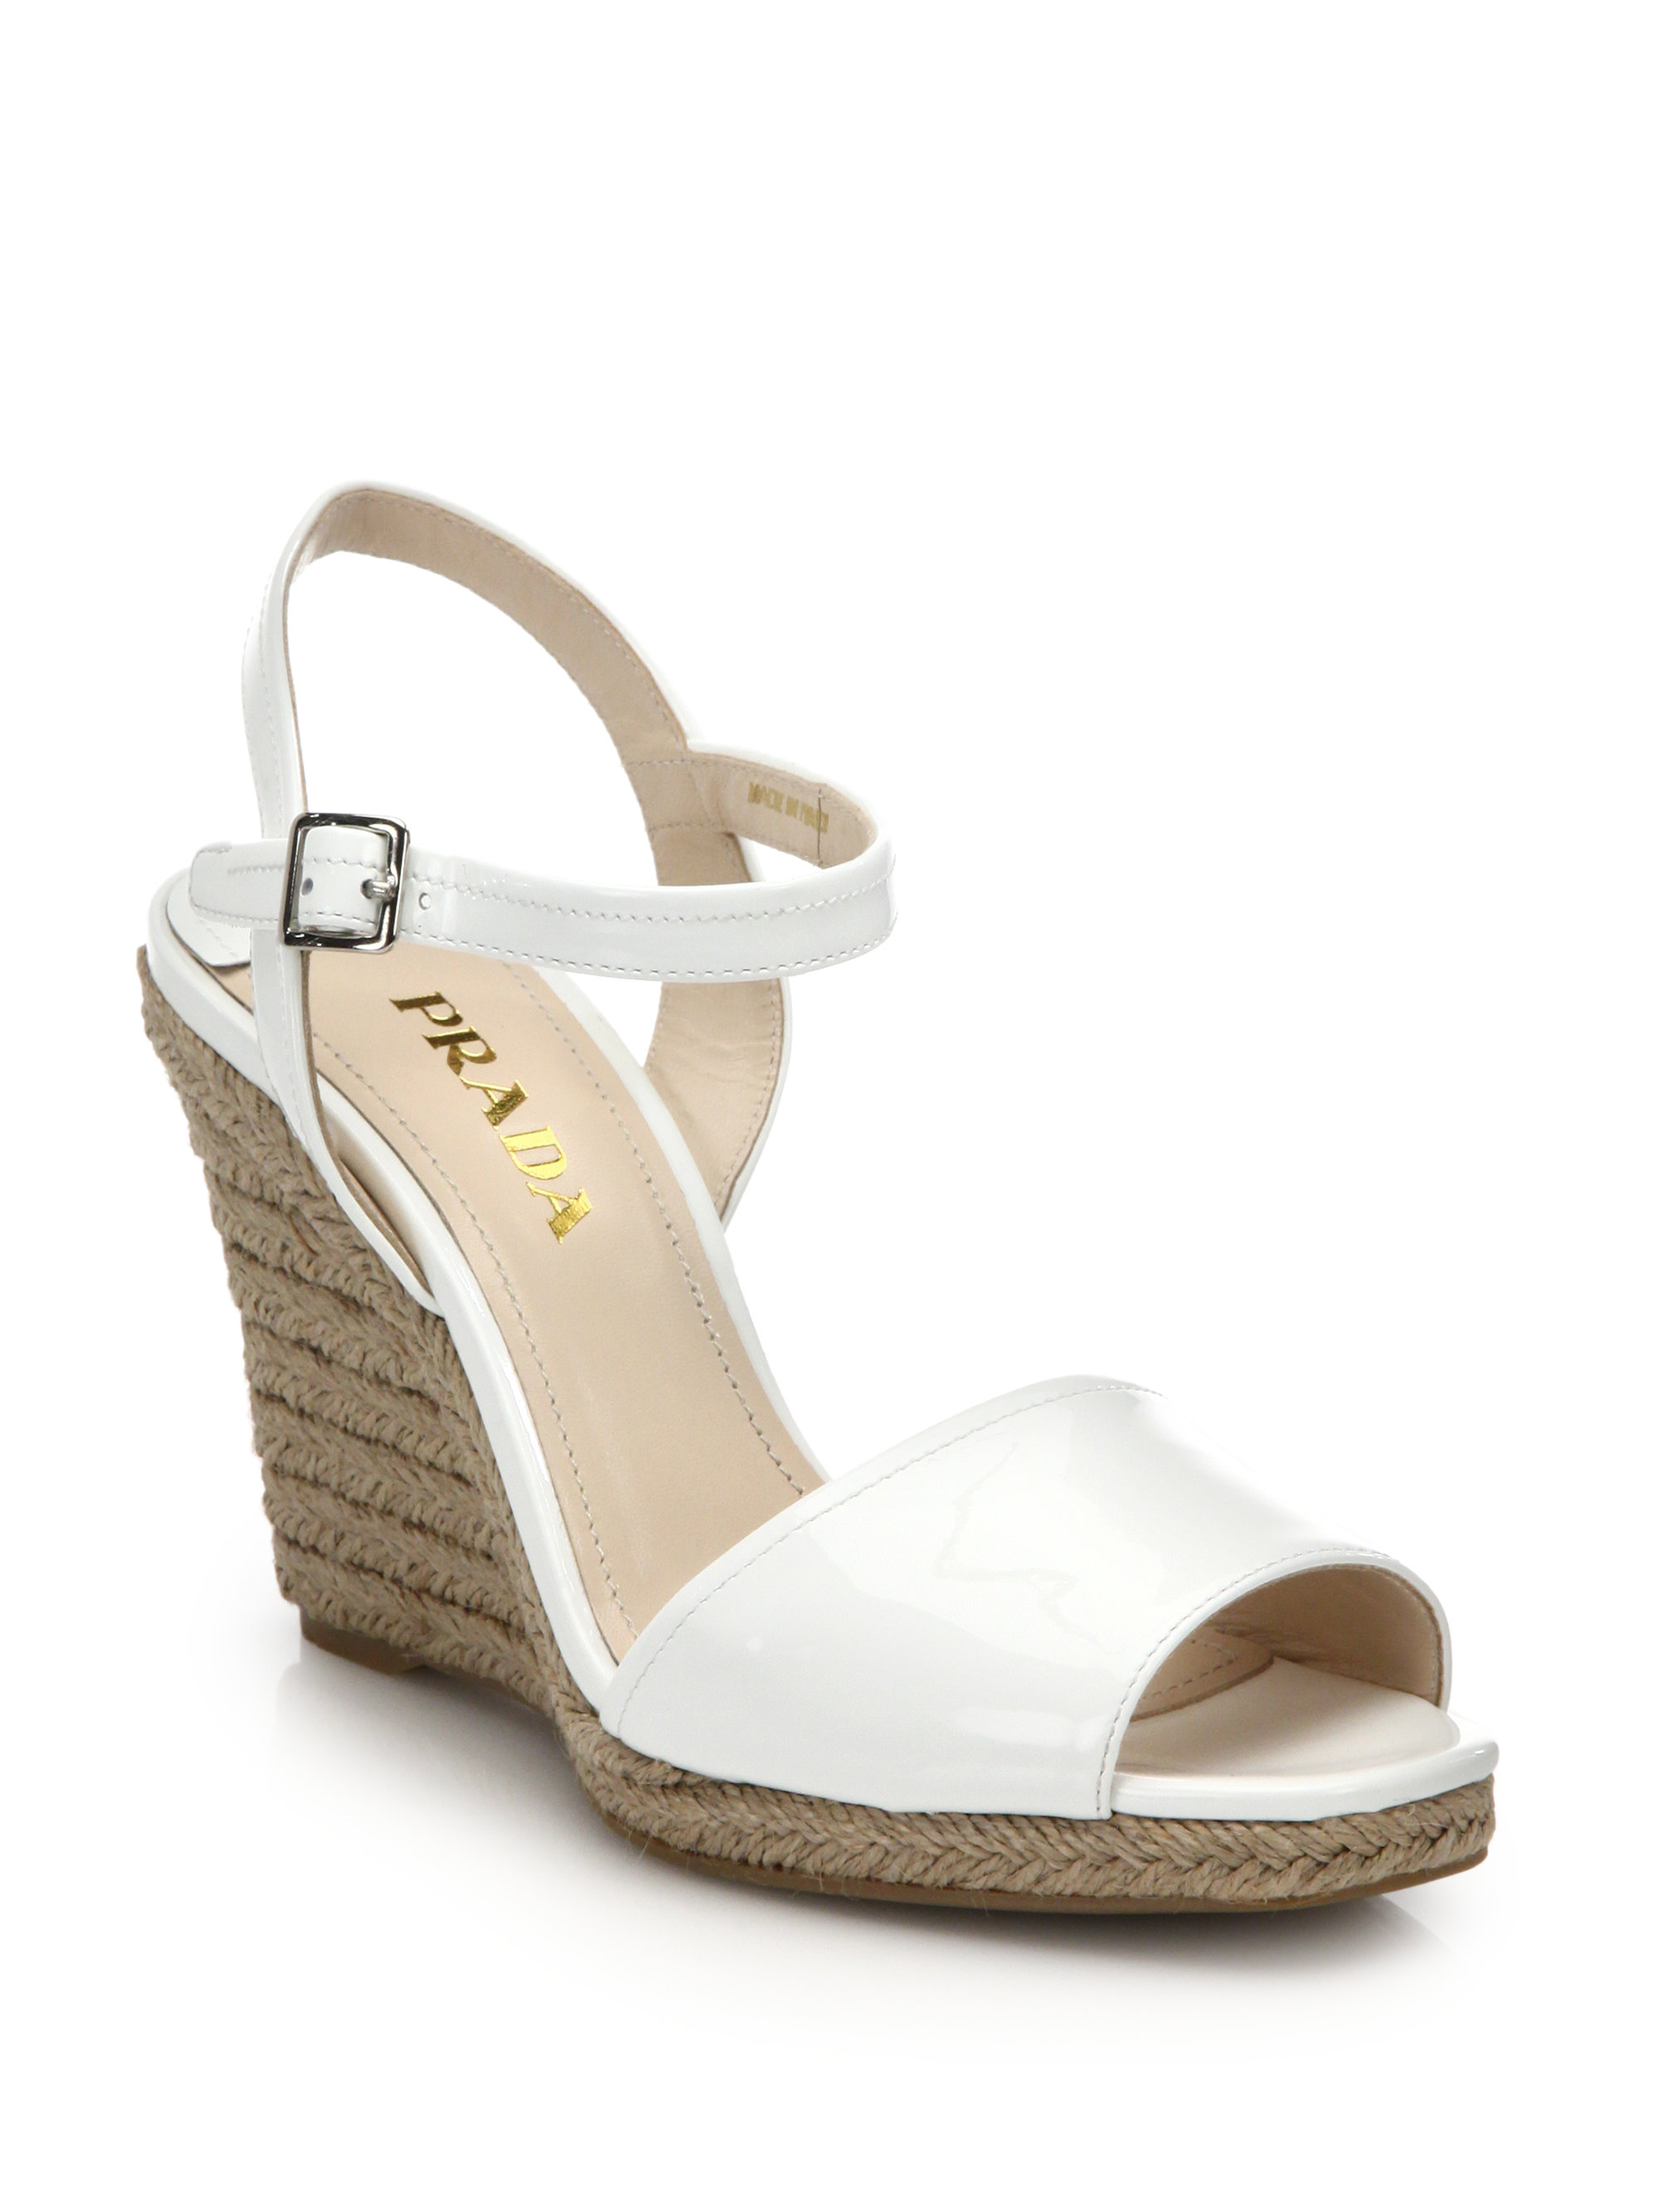 17461c74c77d Lyst - Prada Patent Leather Espadrille Wedge Sandals in White